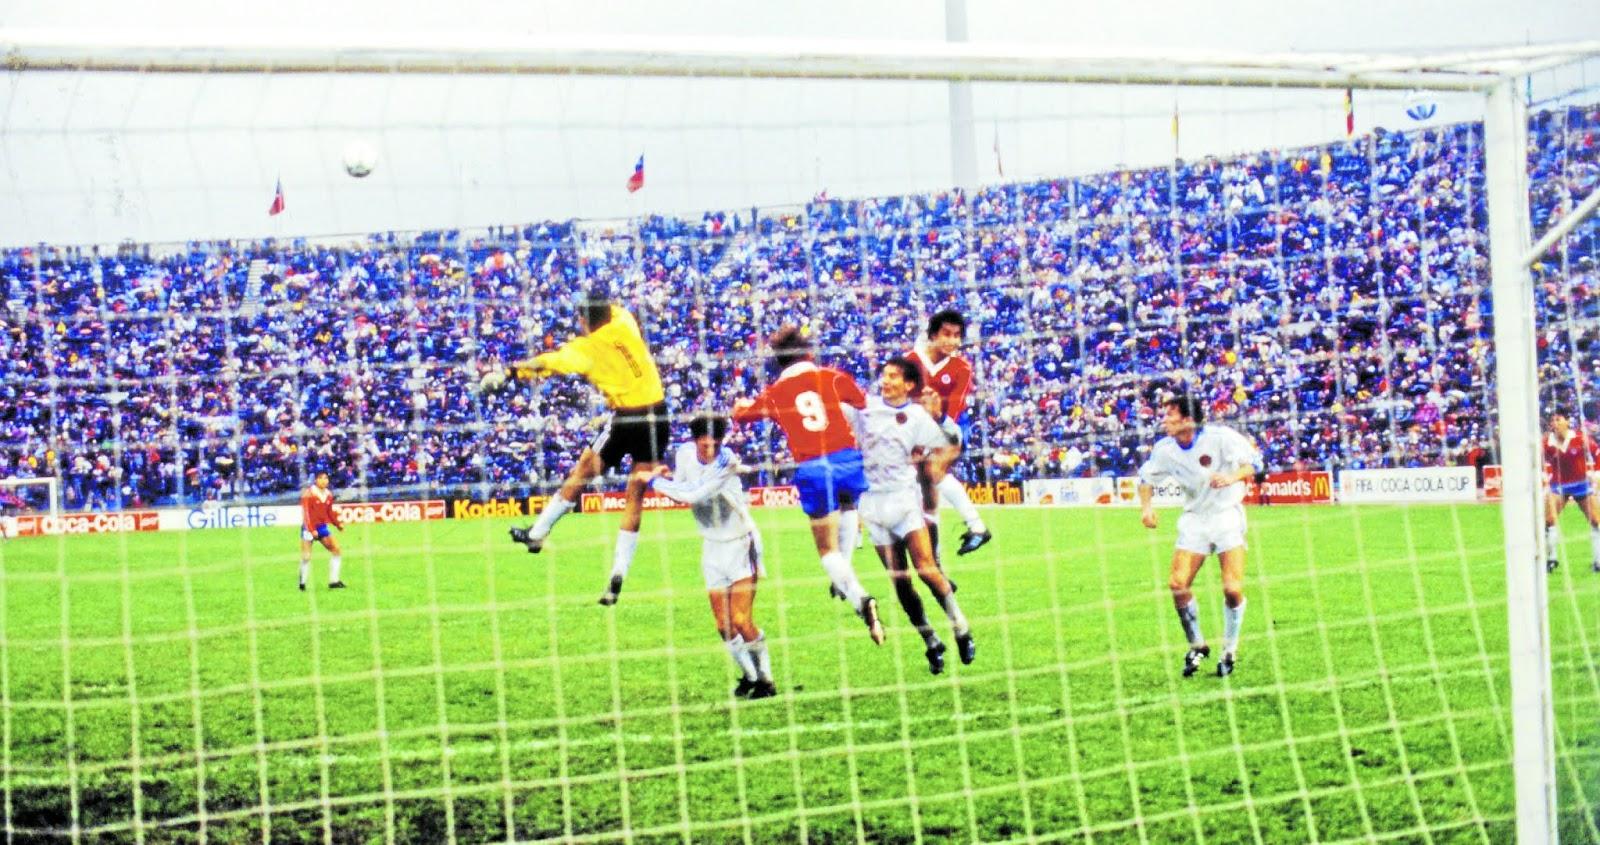 Chile y Yugoslavia en Copa del Mundo Sub-20 Chile 1987, 10 de octubre